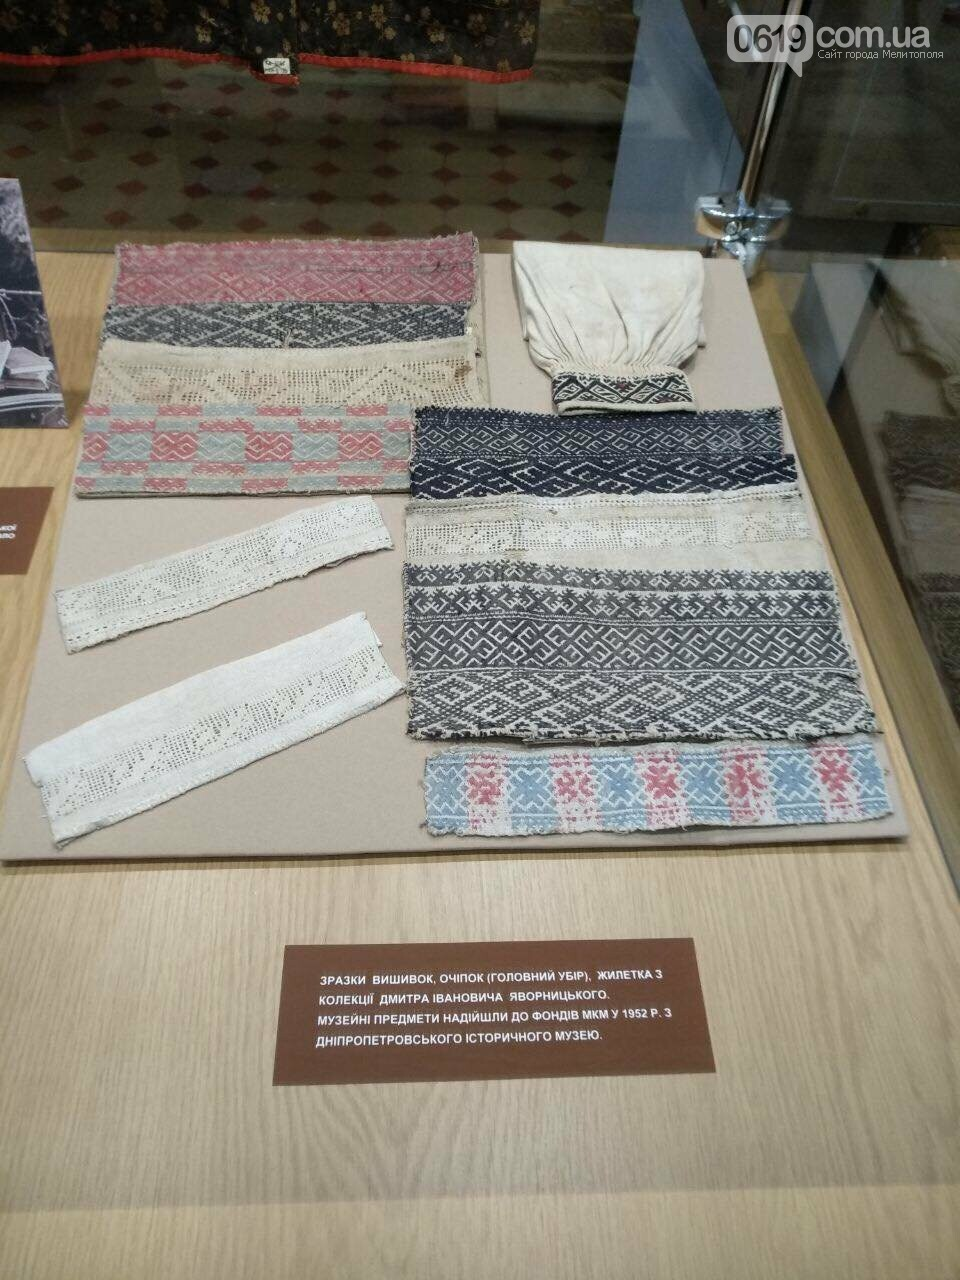 В Мелитополе представили уникальную коллекцию образцов вышиванок, фото-4